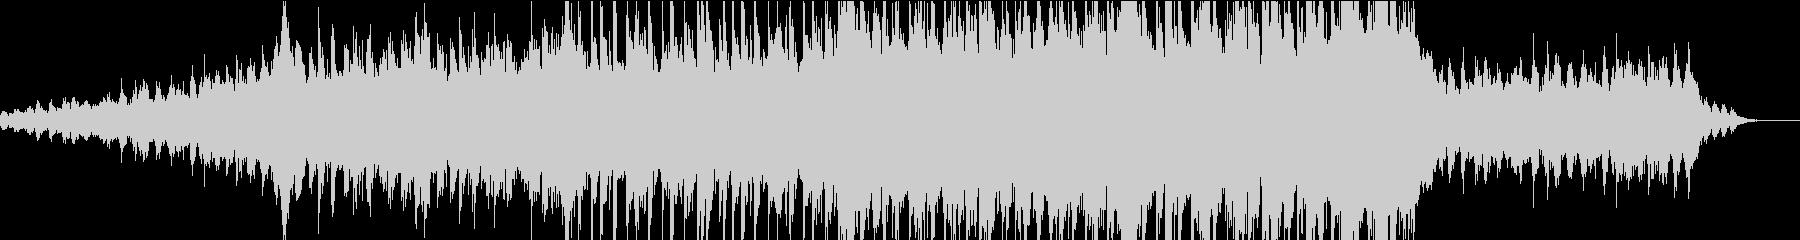 代替案 ポップ 現代的 交響曲 ク...の未再生の波形